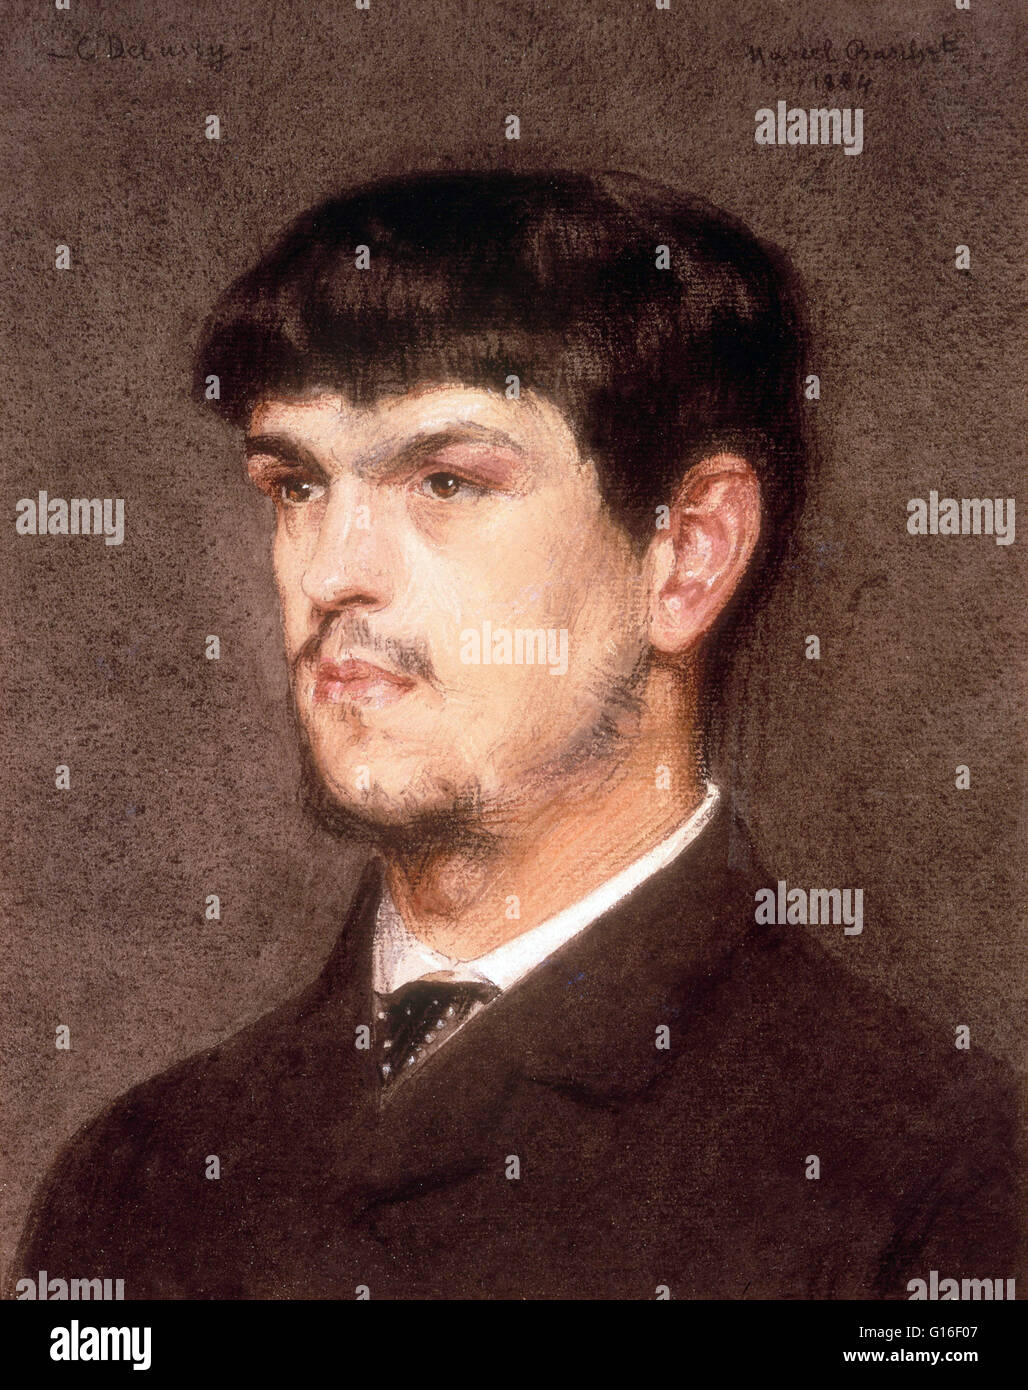 Achille-Claude Debussy (22. August 1862 - 25. März 1918) war ein französischer Komponist. Er war einer Stockbild